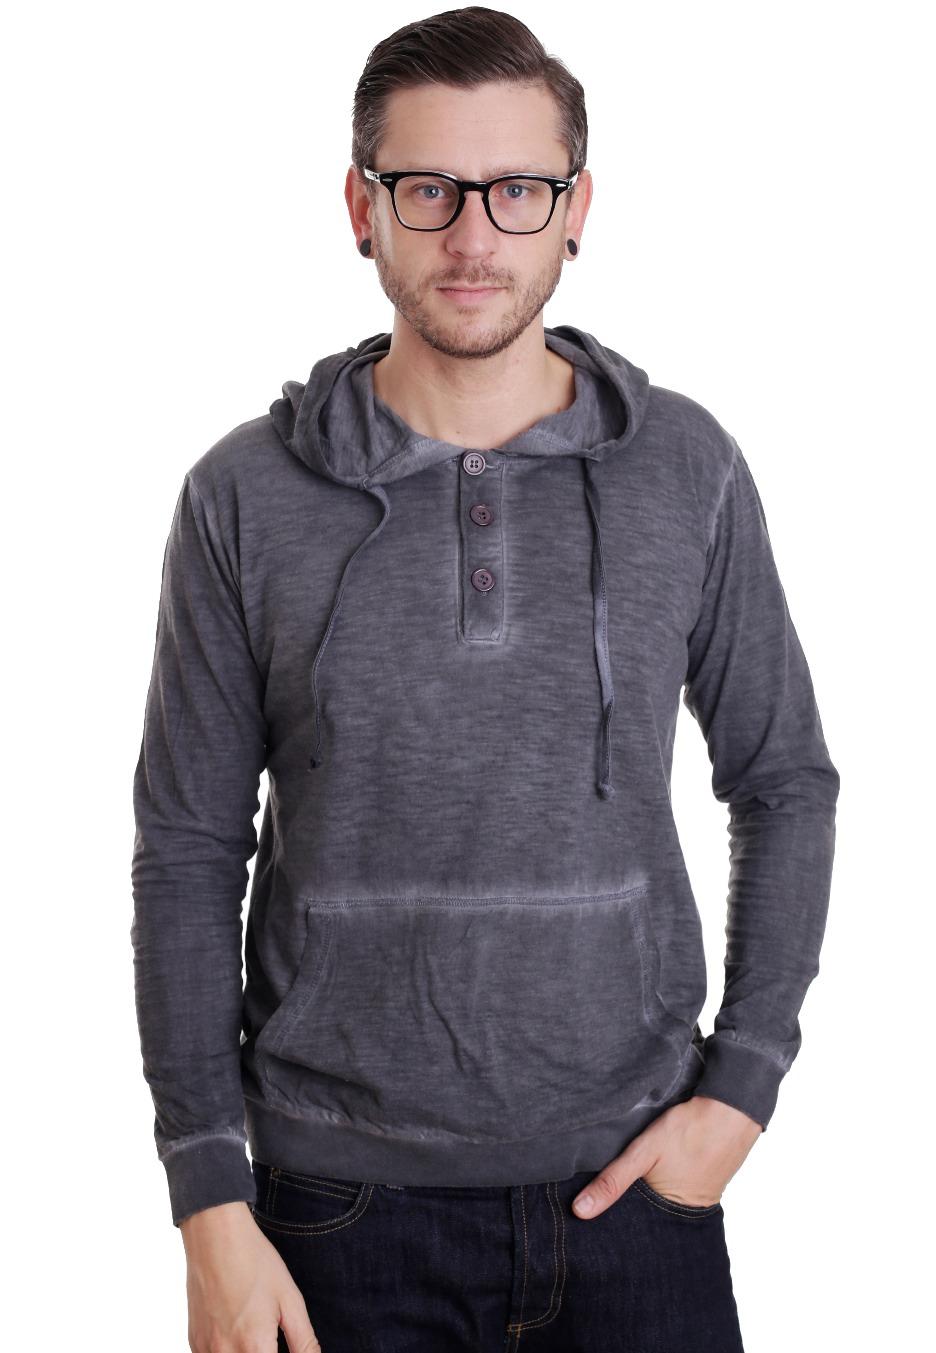 Urban hoodie